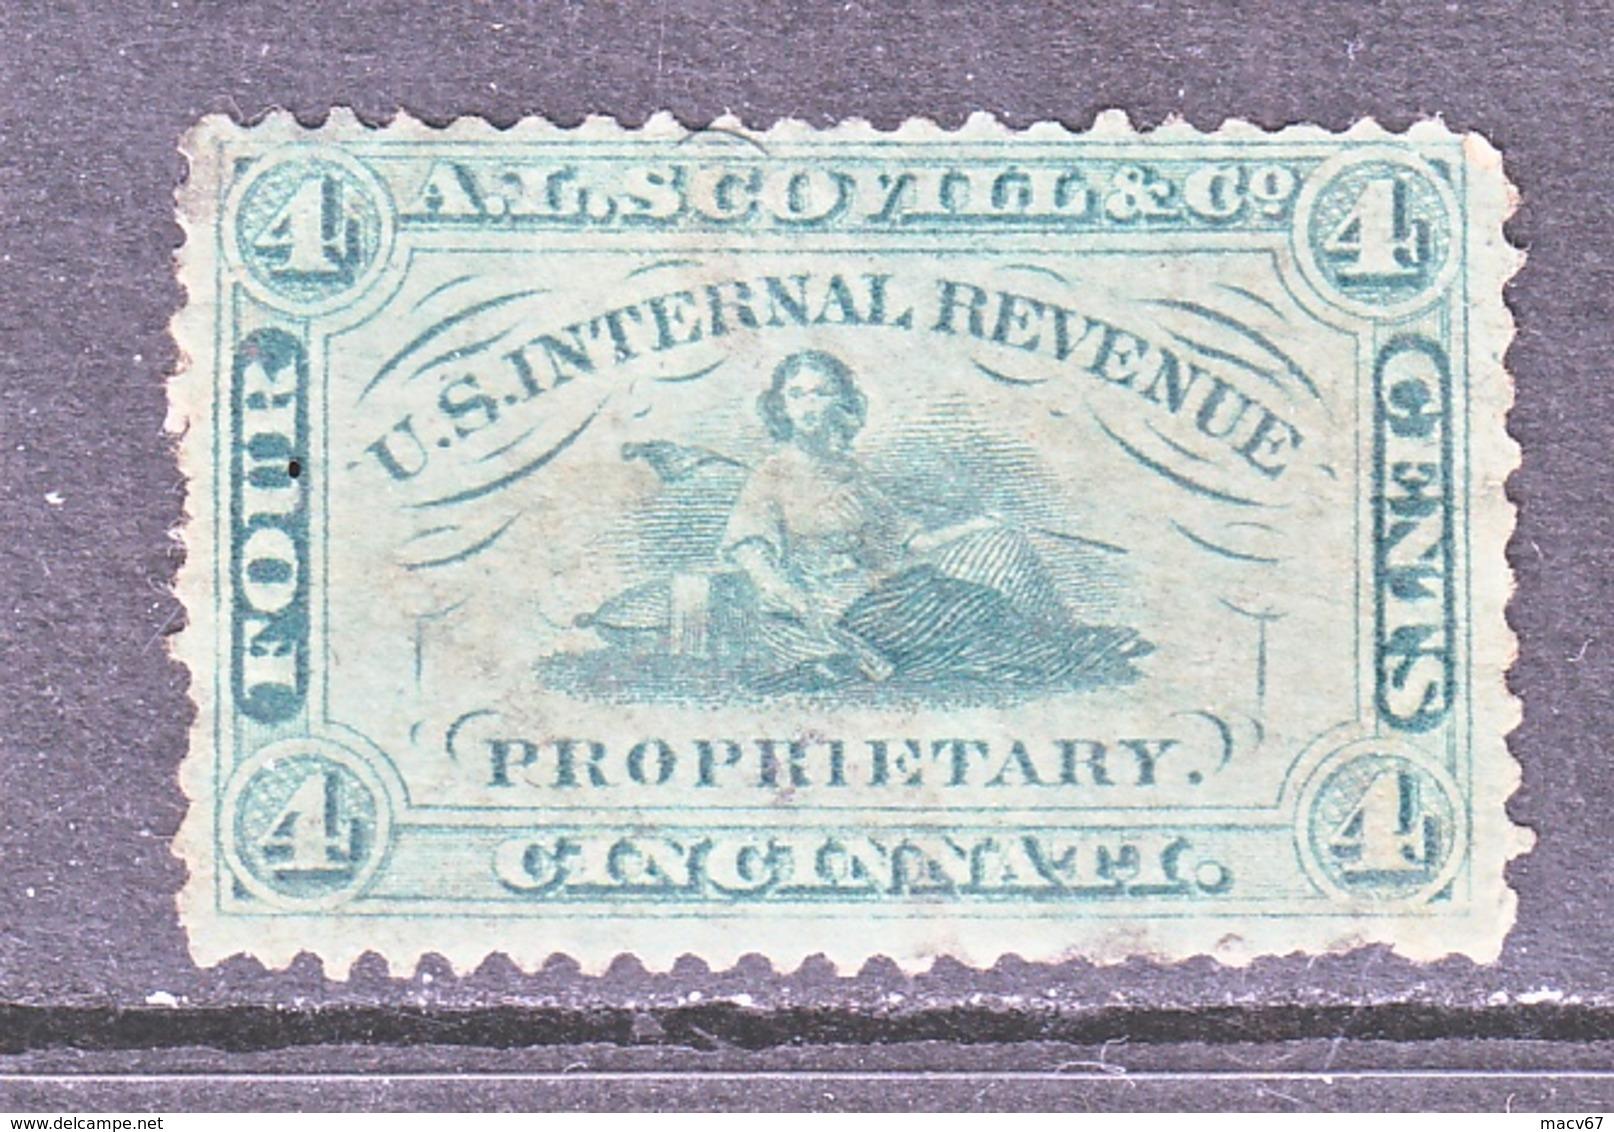 U.S. R S 221 A    MEDICINE - Revenues